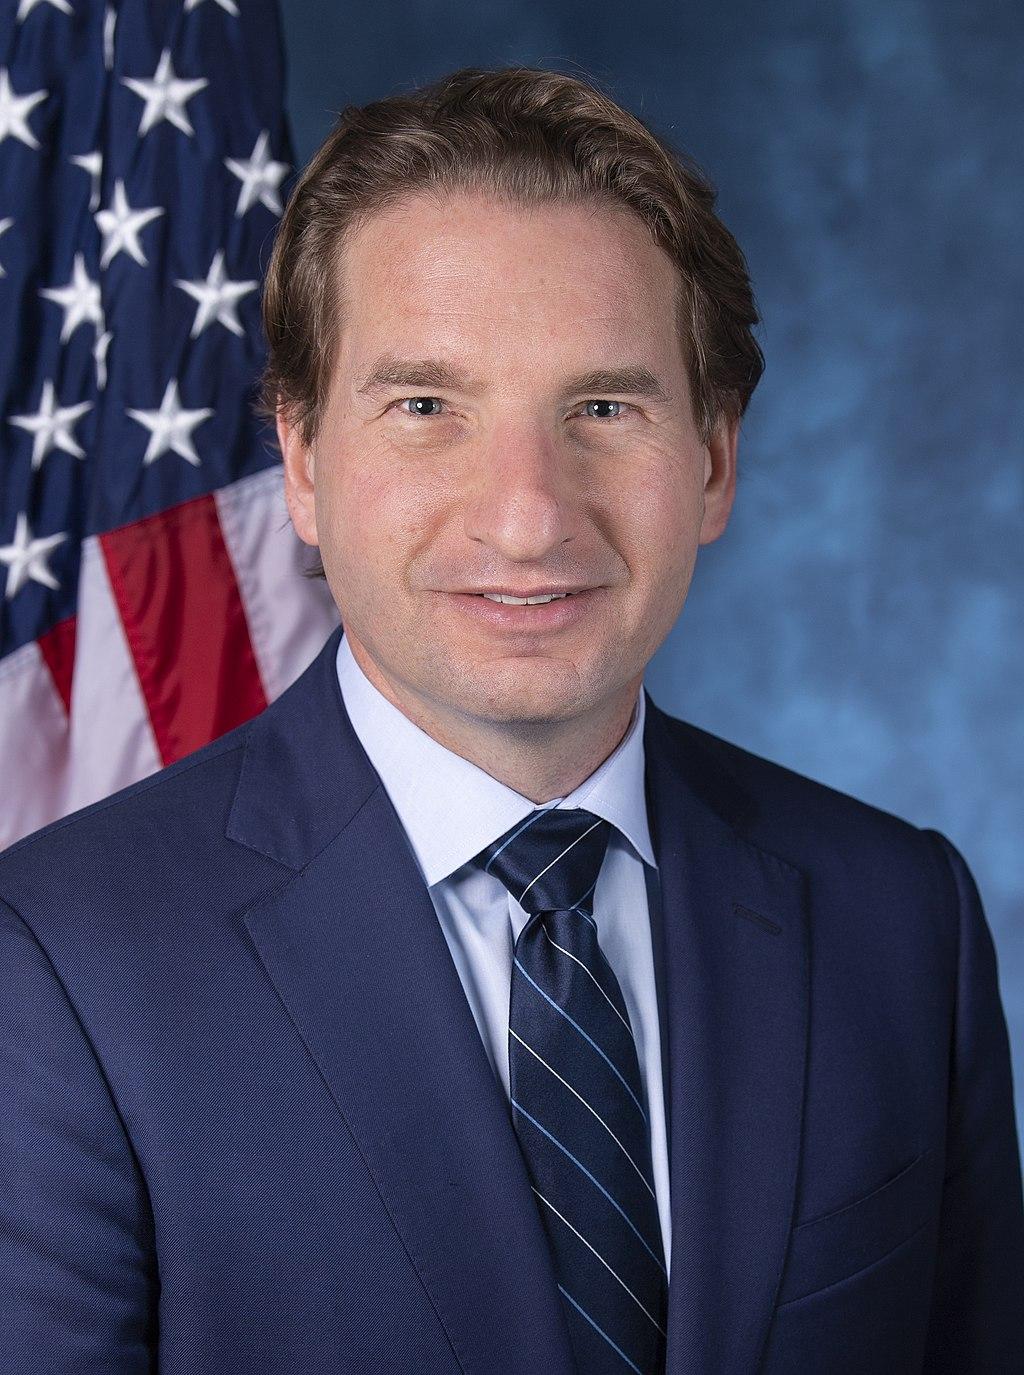 Representative PHILLIPS DEAN